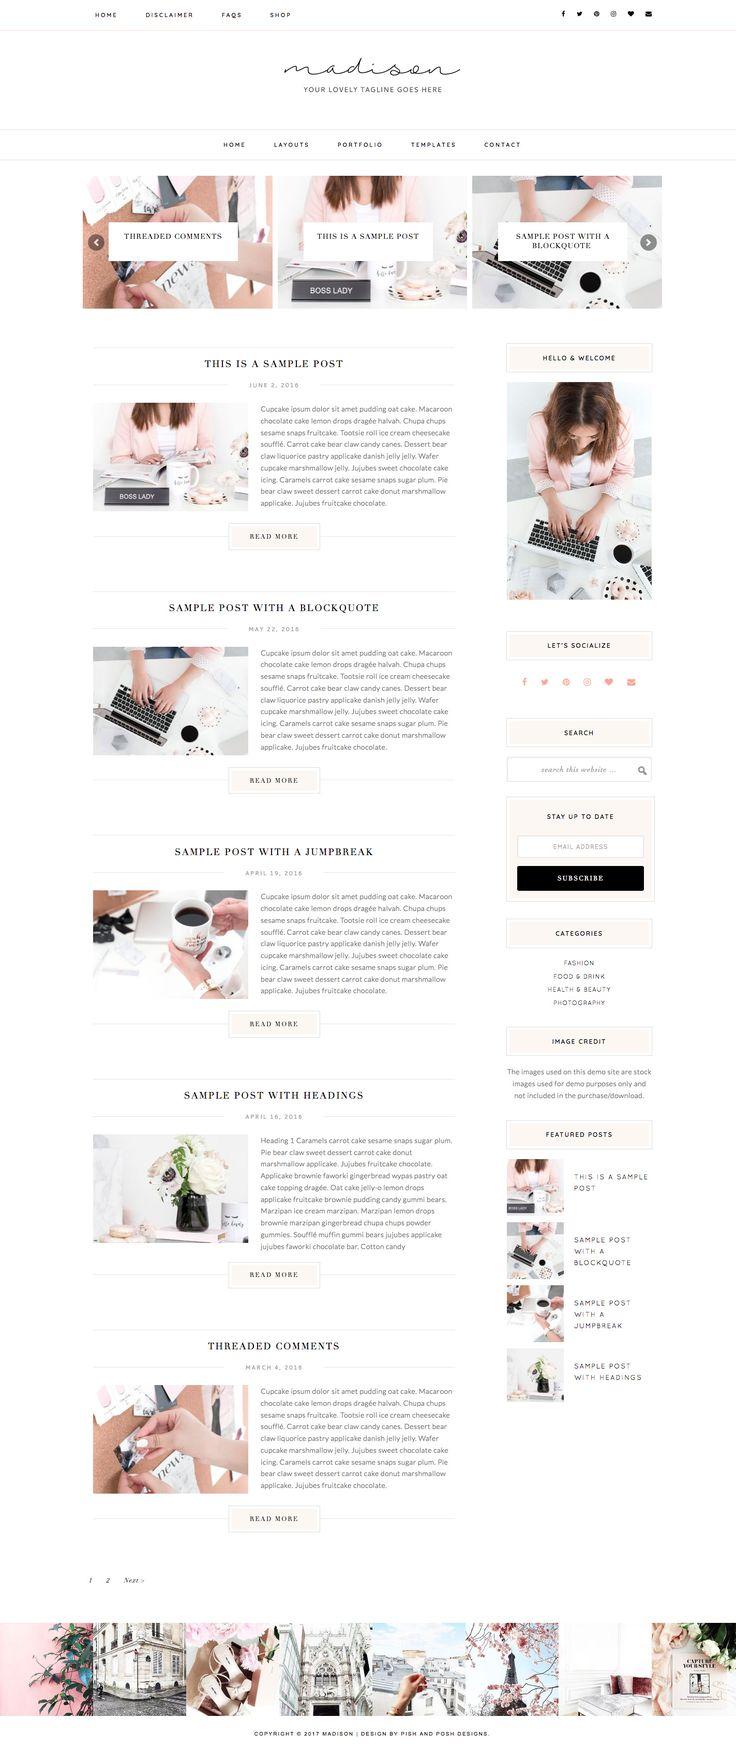 Madison Premium WordPress Theme - Pish and Posh Designs